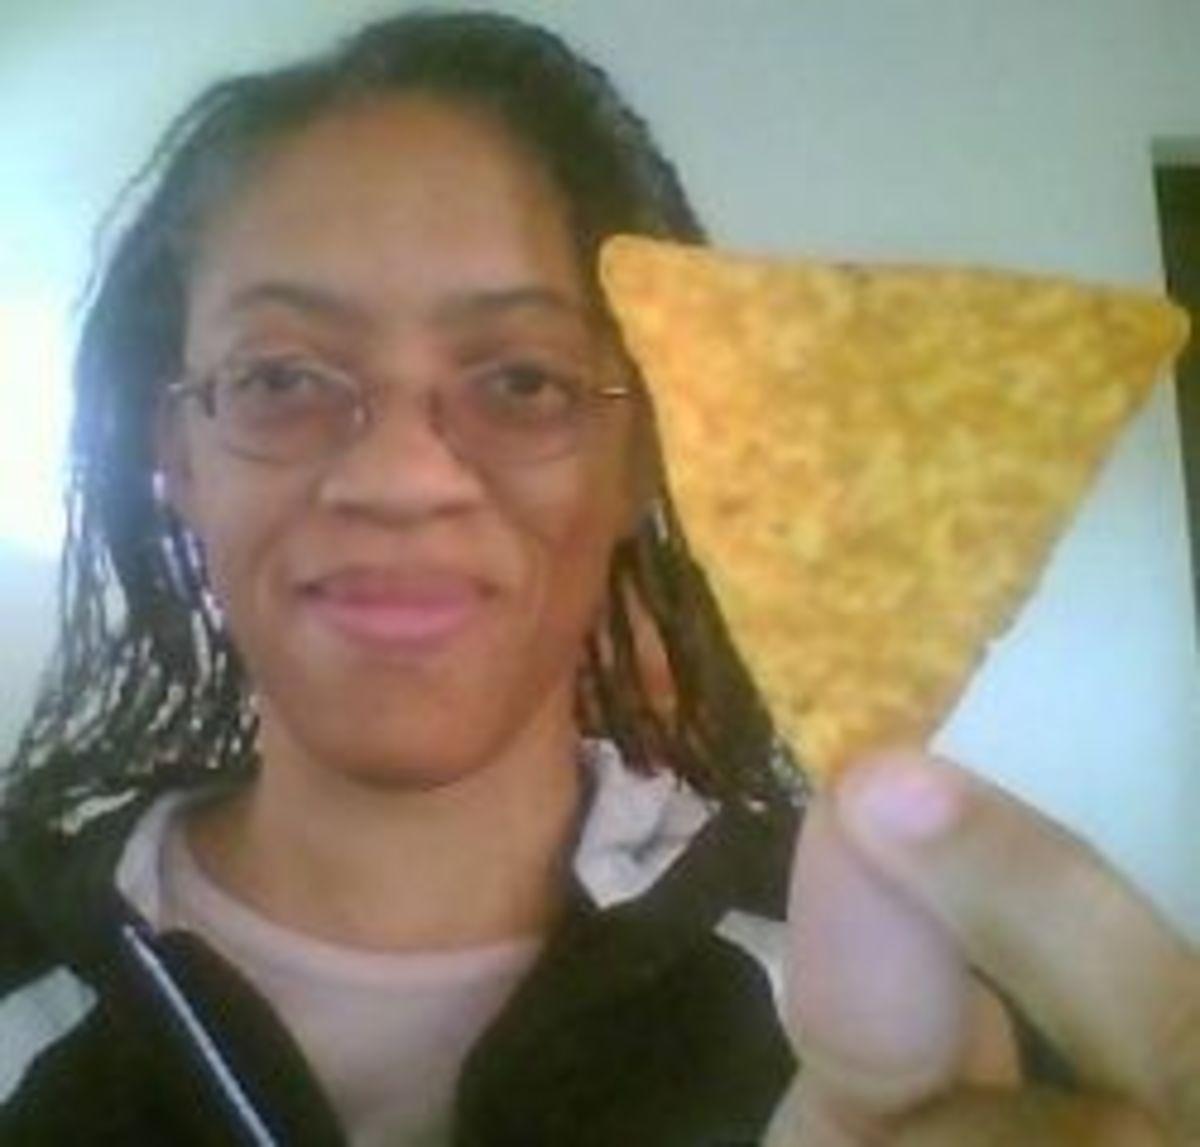 Taco Doritos. Are they the same?